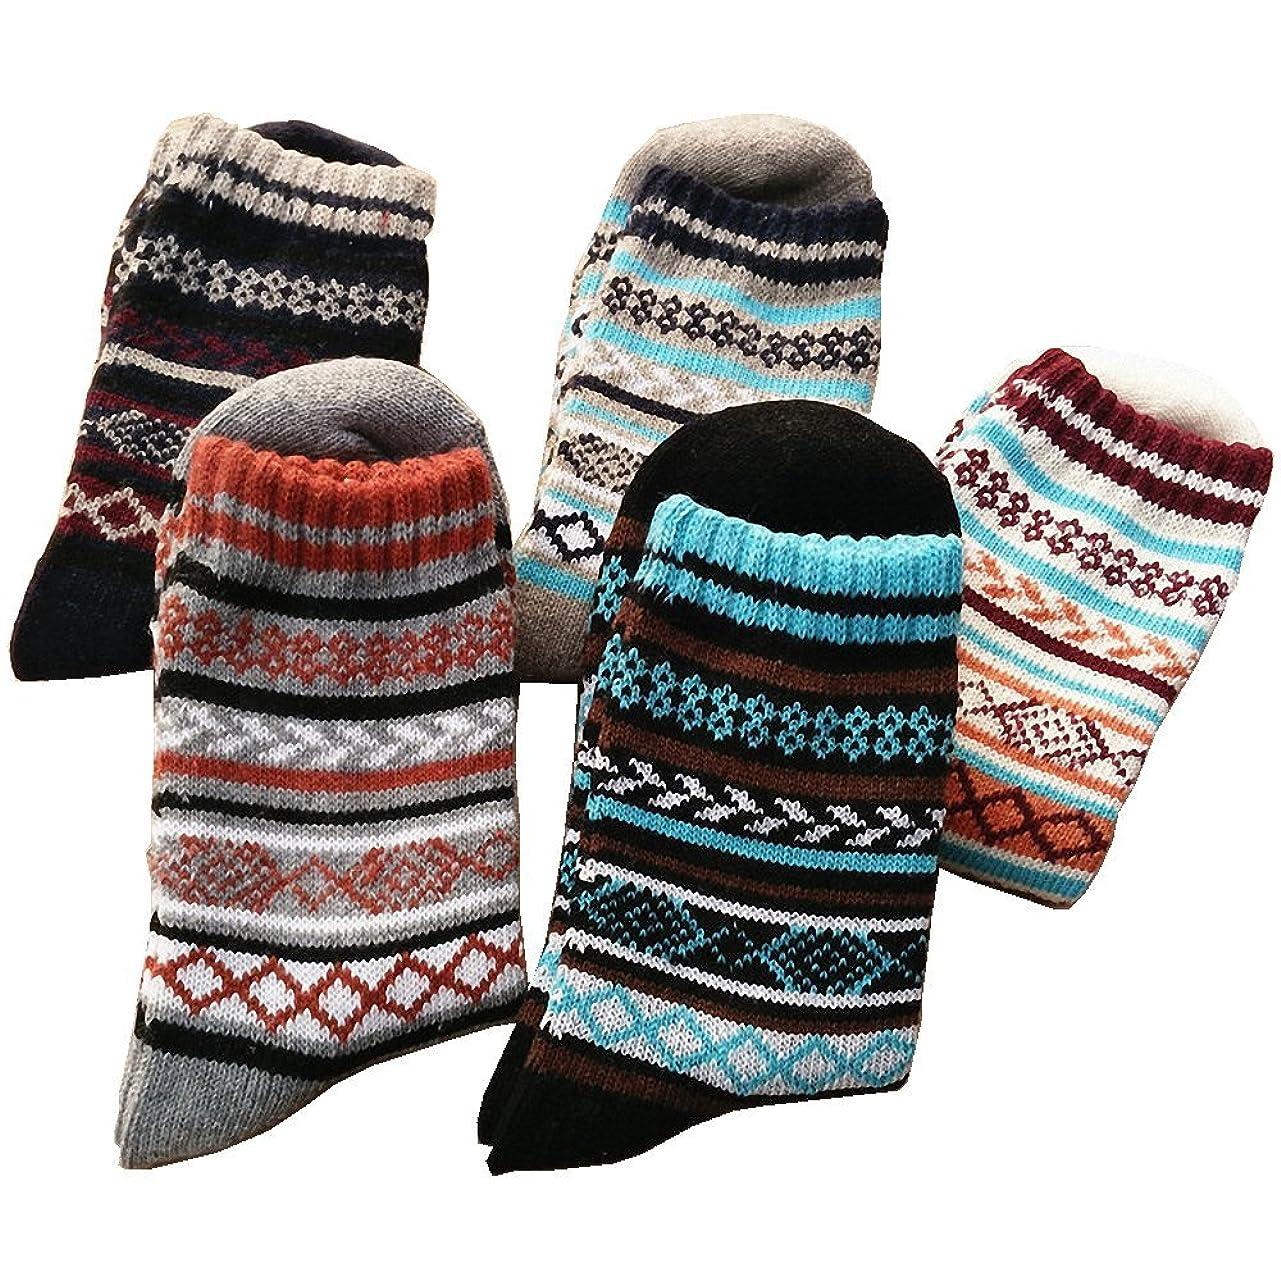 置くためにパックサロン予算Amilia 靴下 メンズ 五本指ソックス ランニング マラソン スポーツソックス セット 5本指 綿 消臭 抗菌